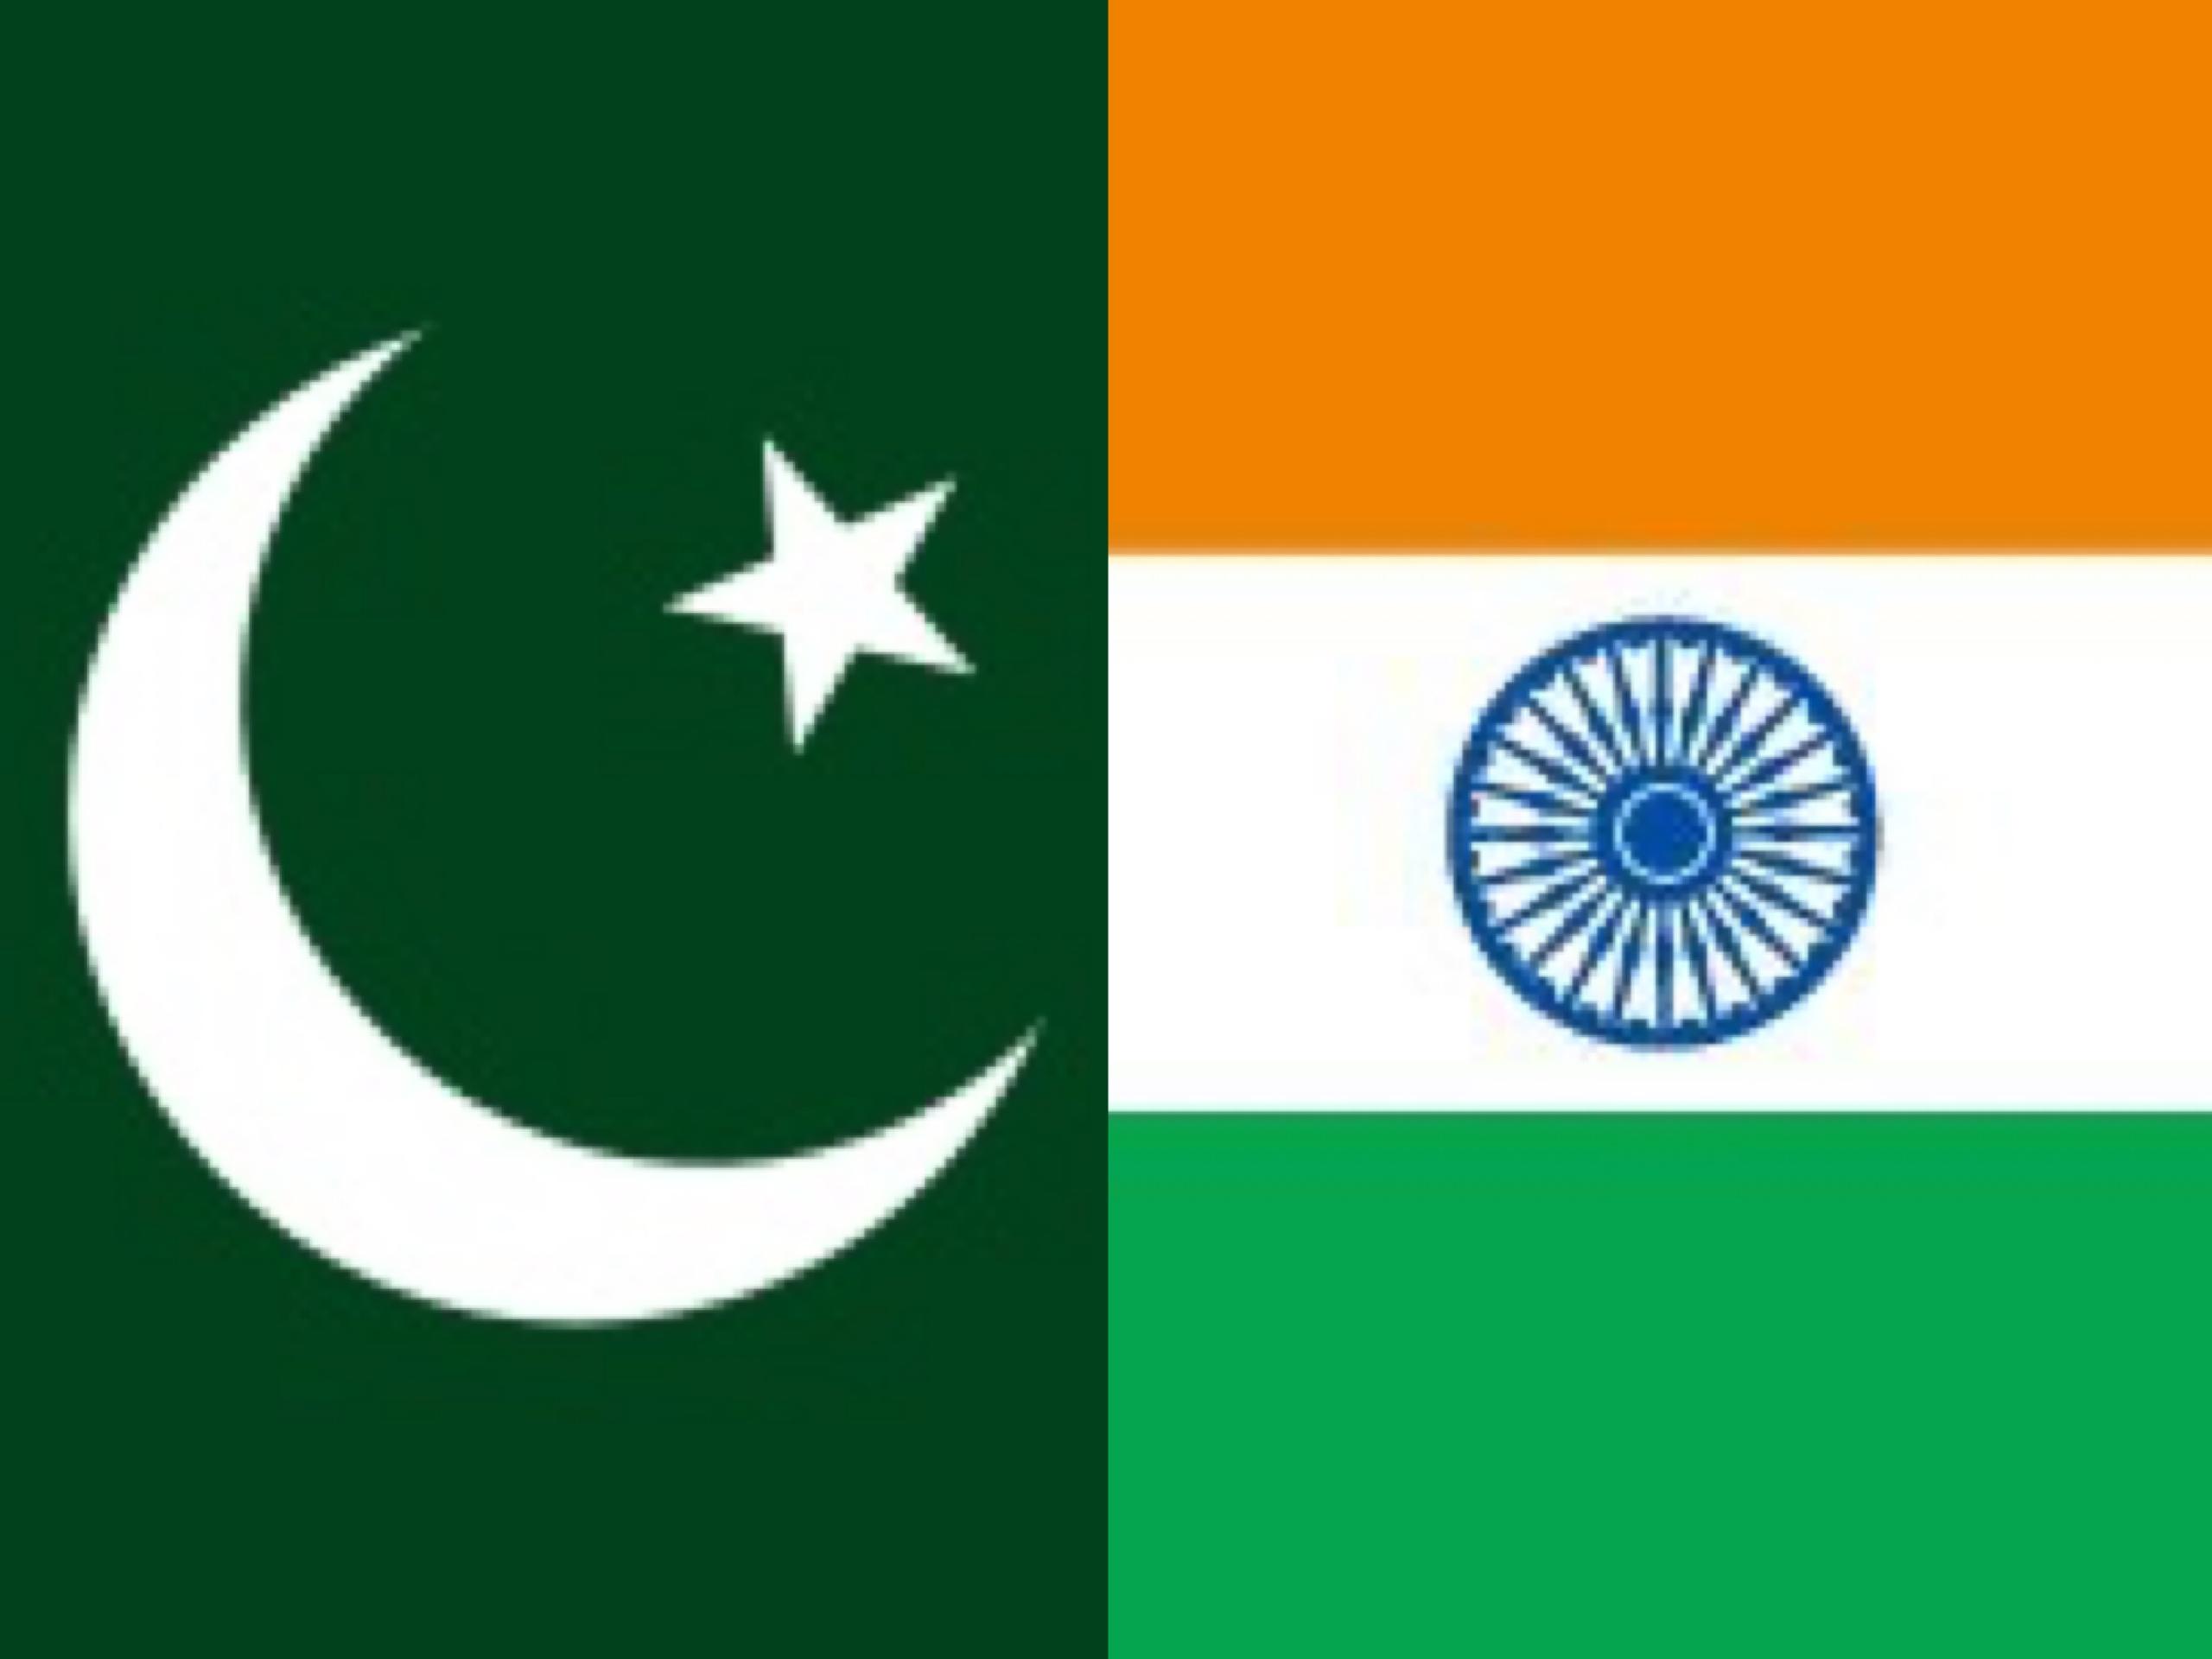 【バックパッカーが教える地理・歴史】「シーク教徒巡礼のため異例の入国許可?」対立関係の続くインドとパキスタン 〜宗教と戦争、歴史がいま動く!〜